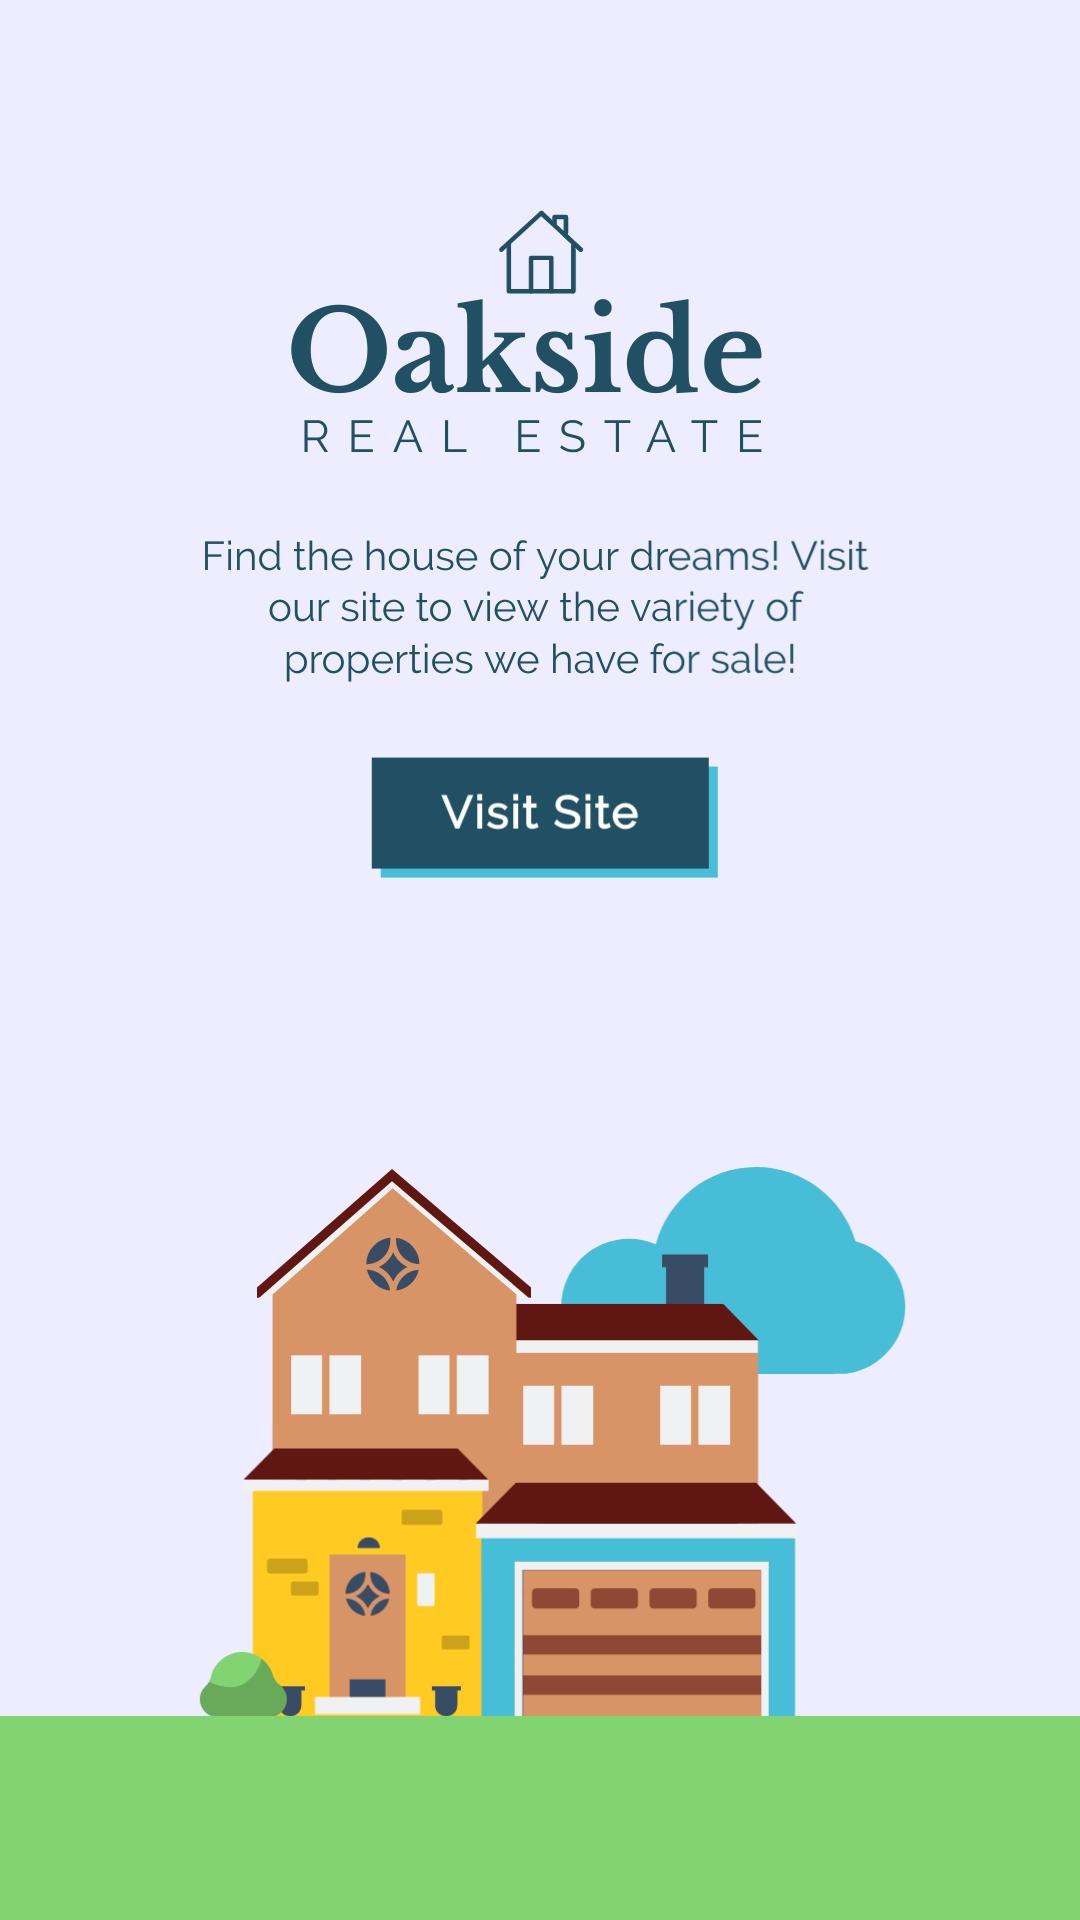 Oakside Real Estate Vertical Template